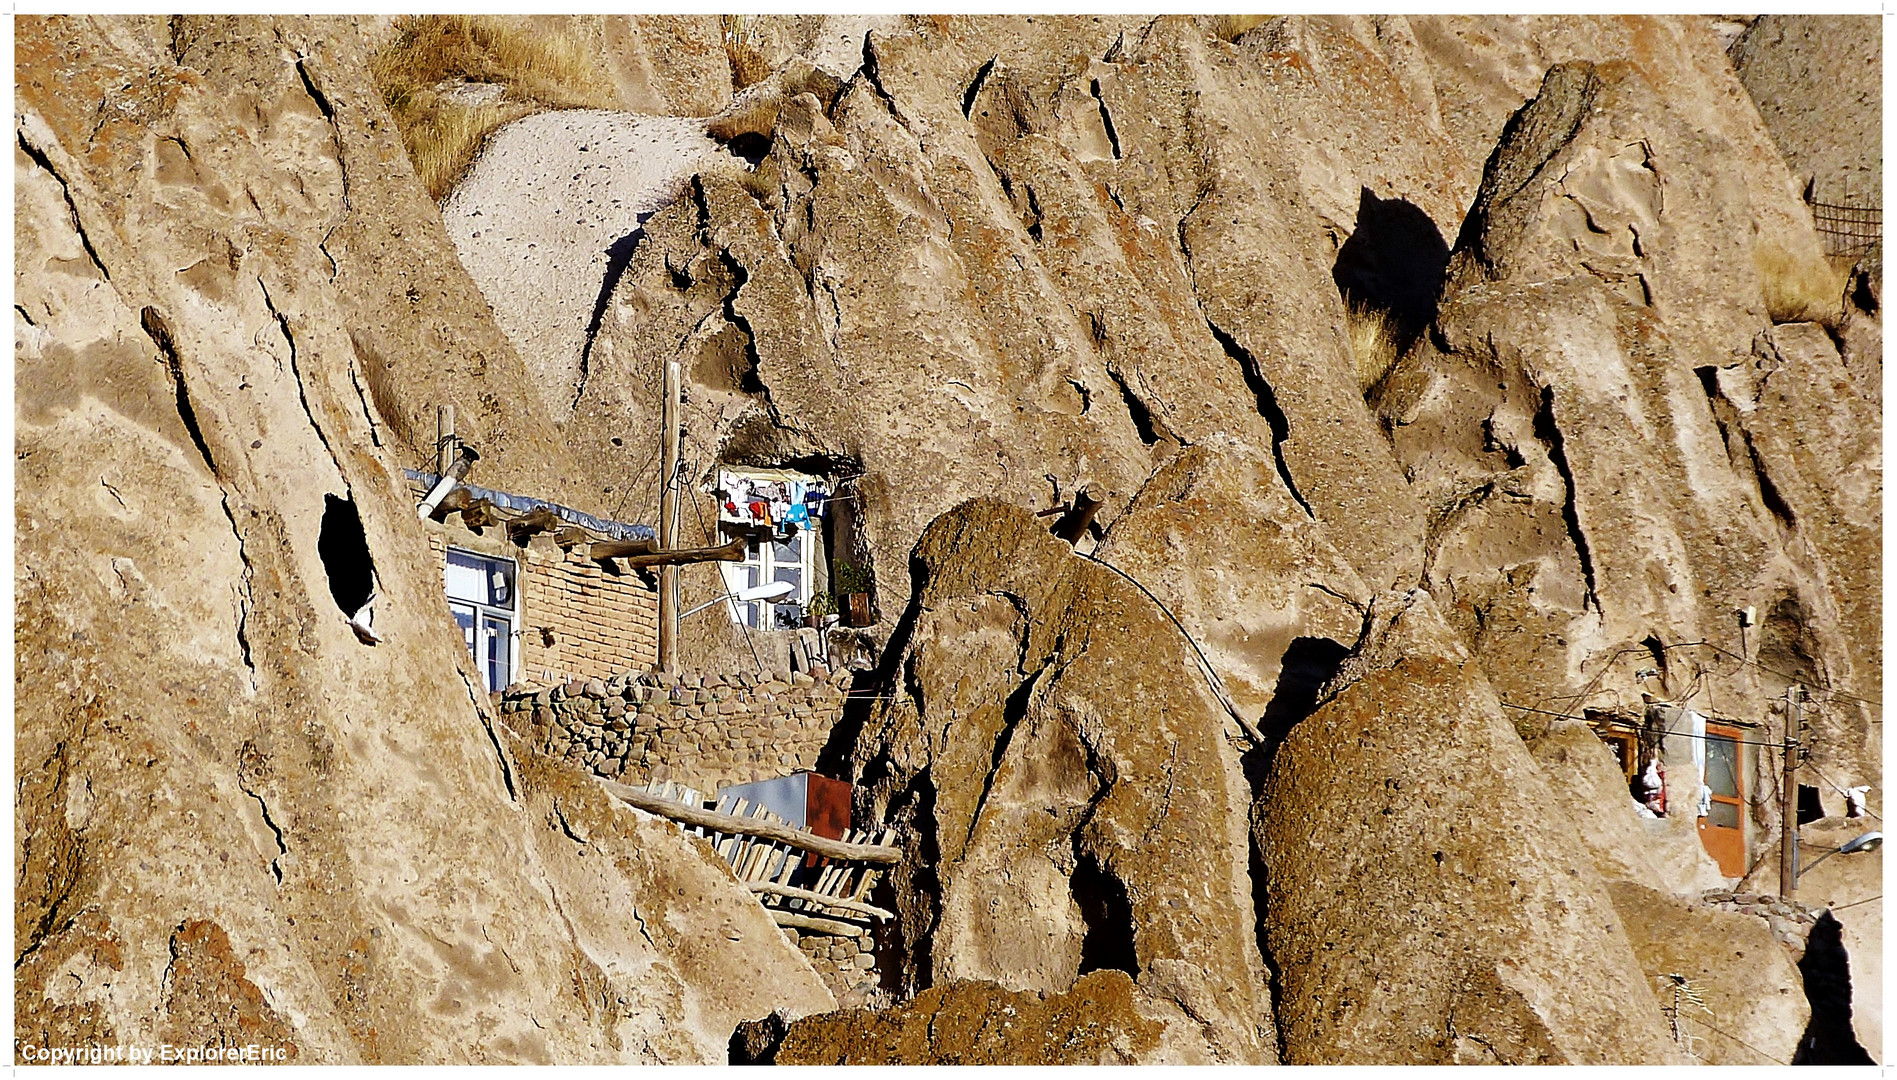 Wohnen im berg foto bild asia middle for Asia wohnen